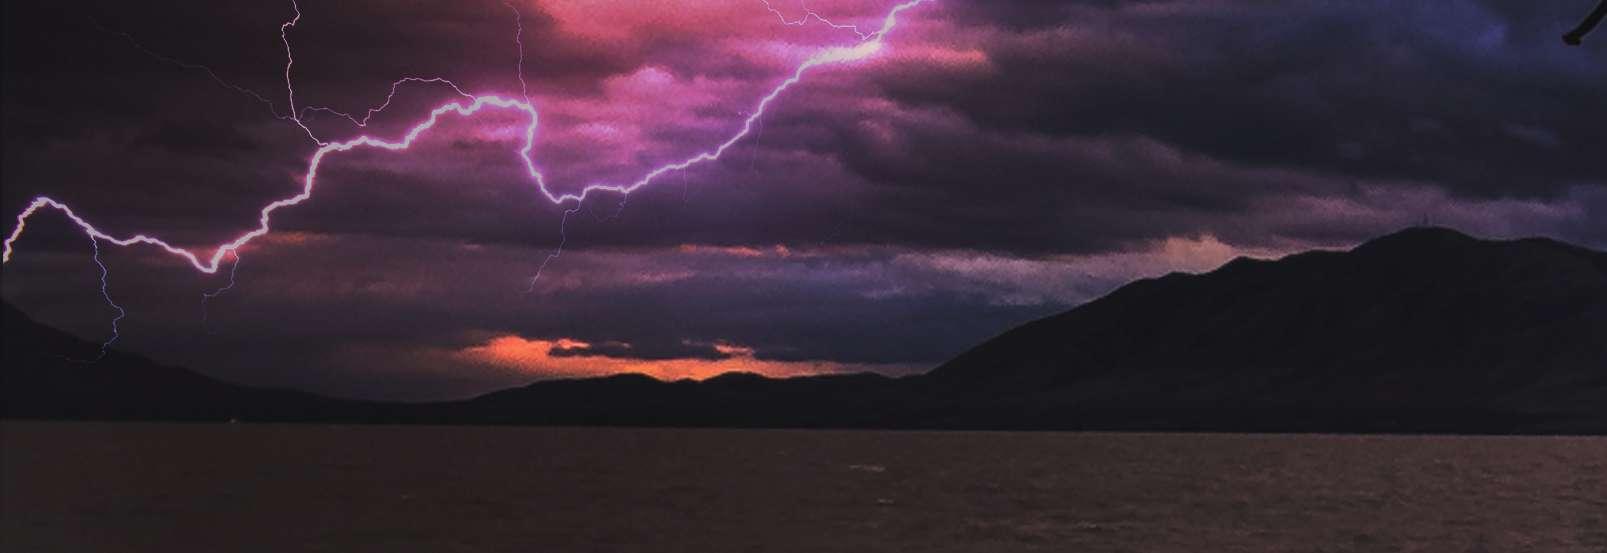 Jak zachować się podczas burzy